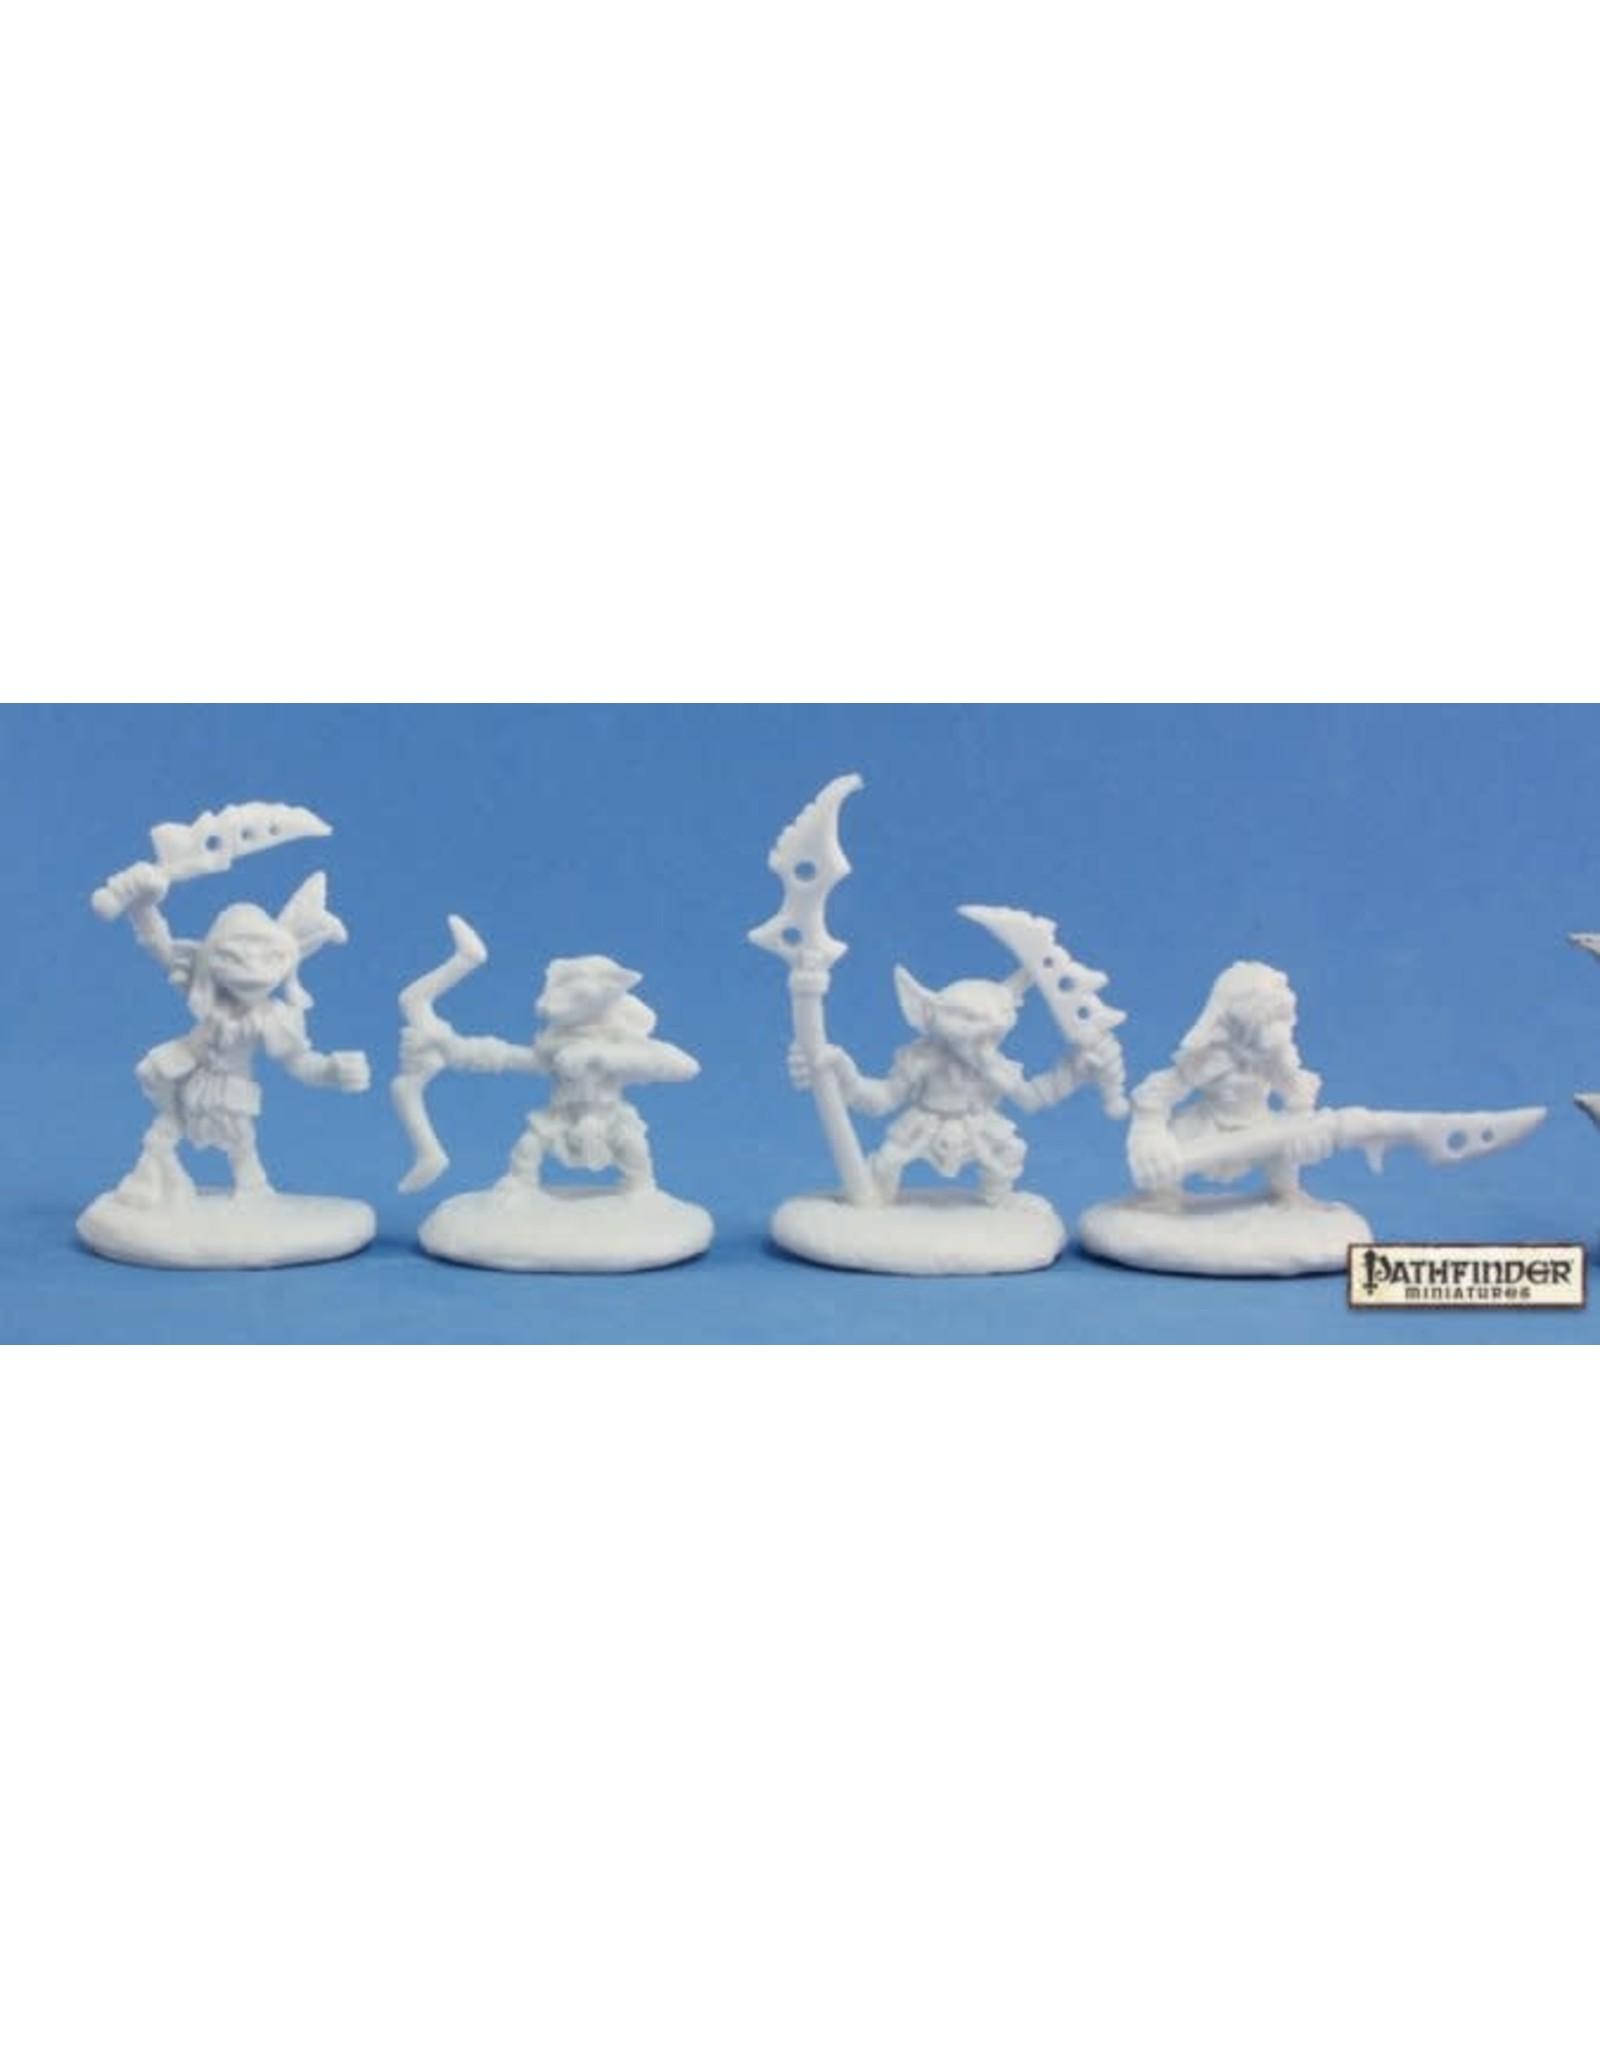 Reaper Pathfinder Bones: Pathfinder Goblin Warriors